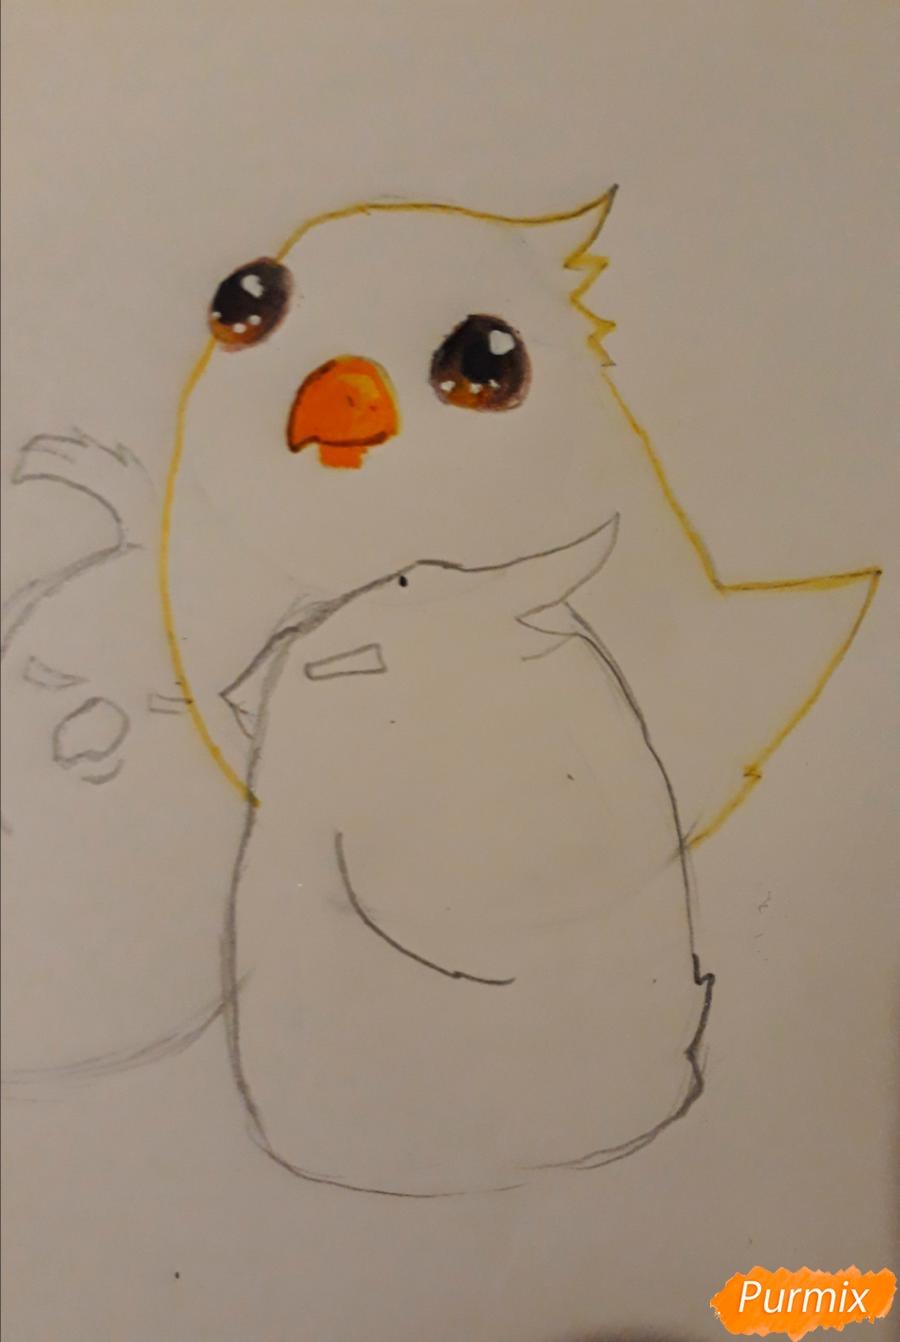 Рисуем трех милых попугайчиков карандашами - шаг 8